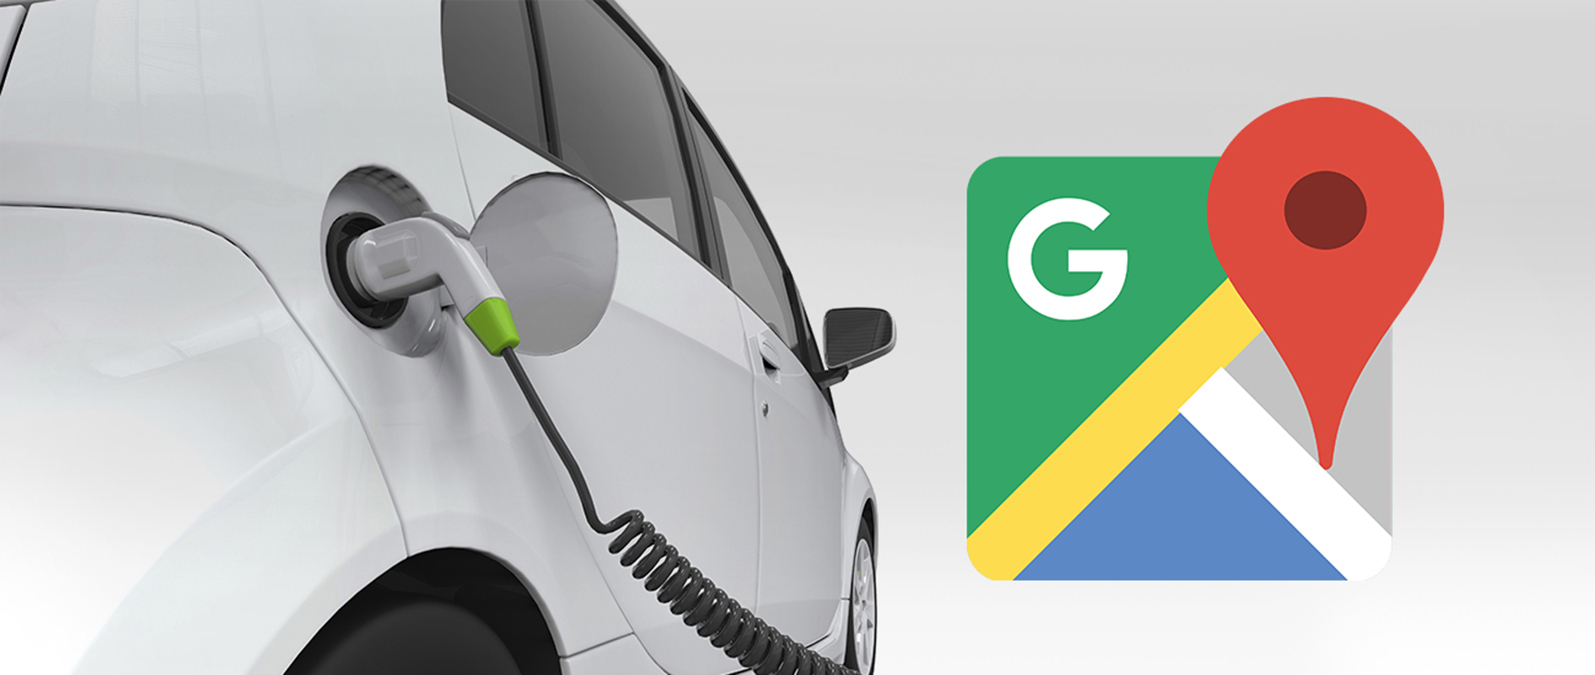 Google Mapy vylepšují filtrování nabíjecích stanic [aktualizováno]